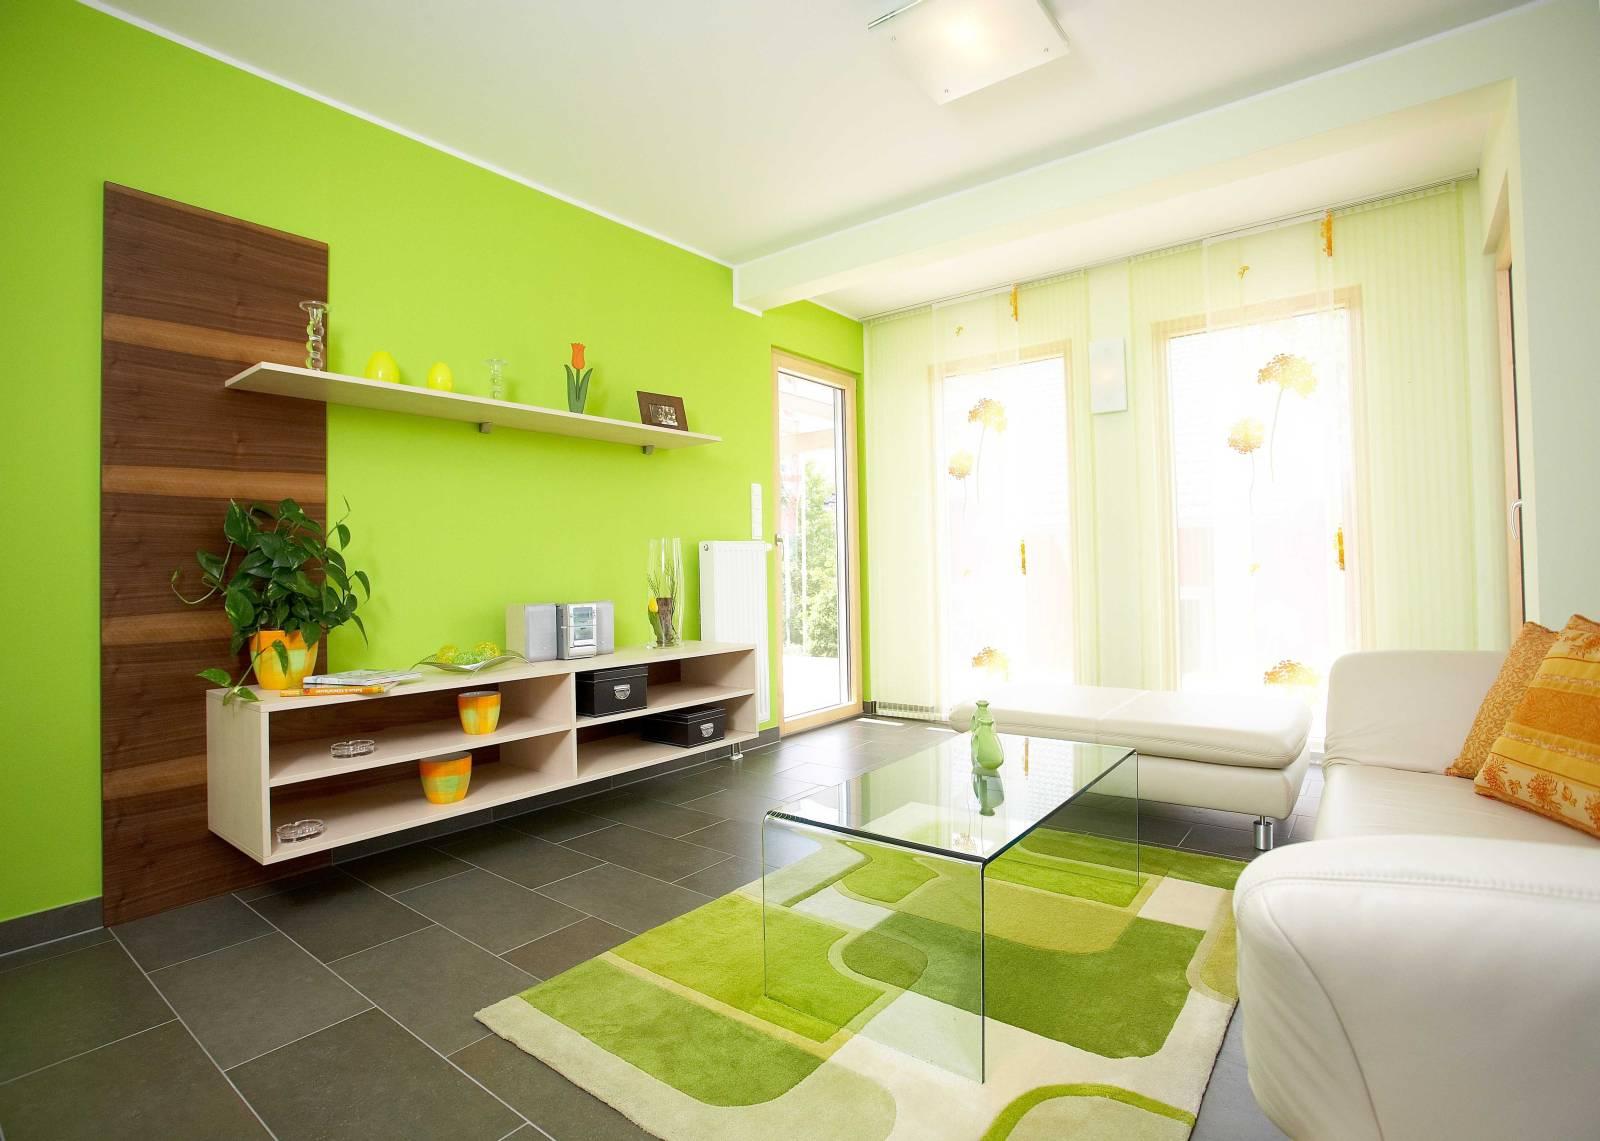 Musterhaus Eugendorf - Trend 146 Wohnzimmer